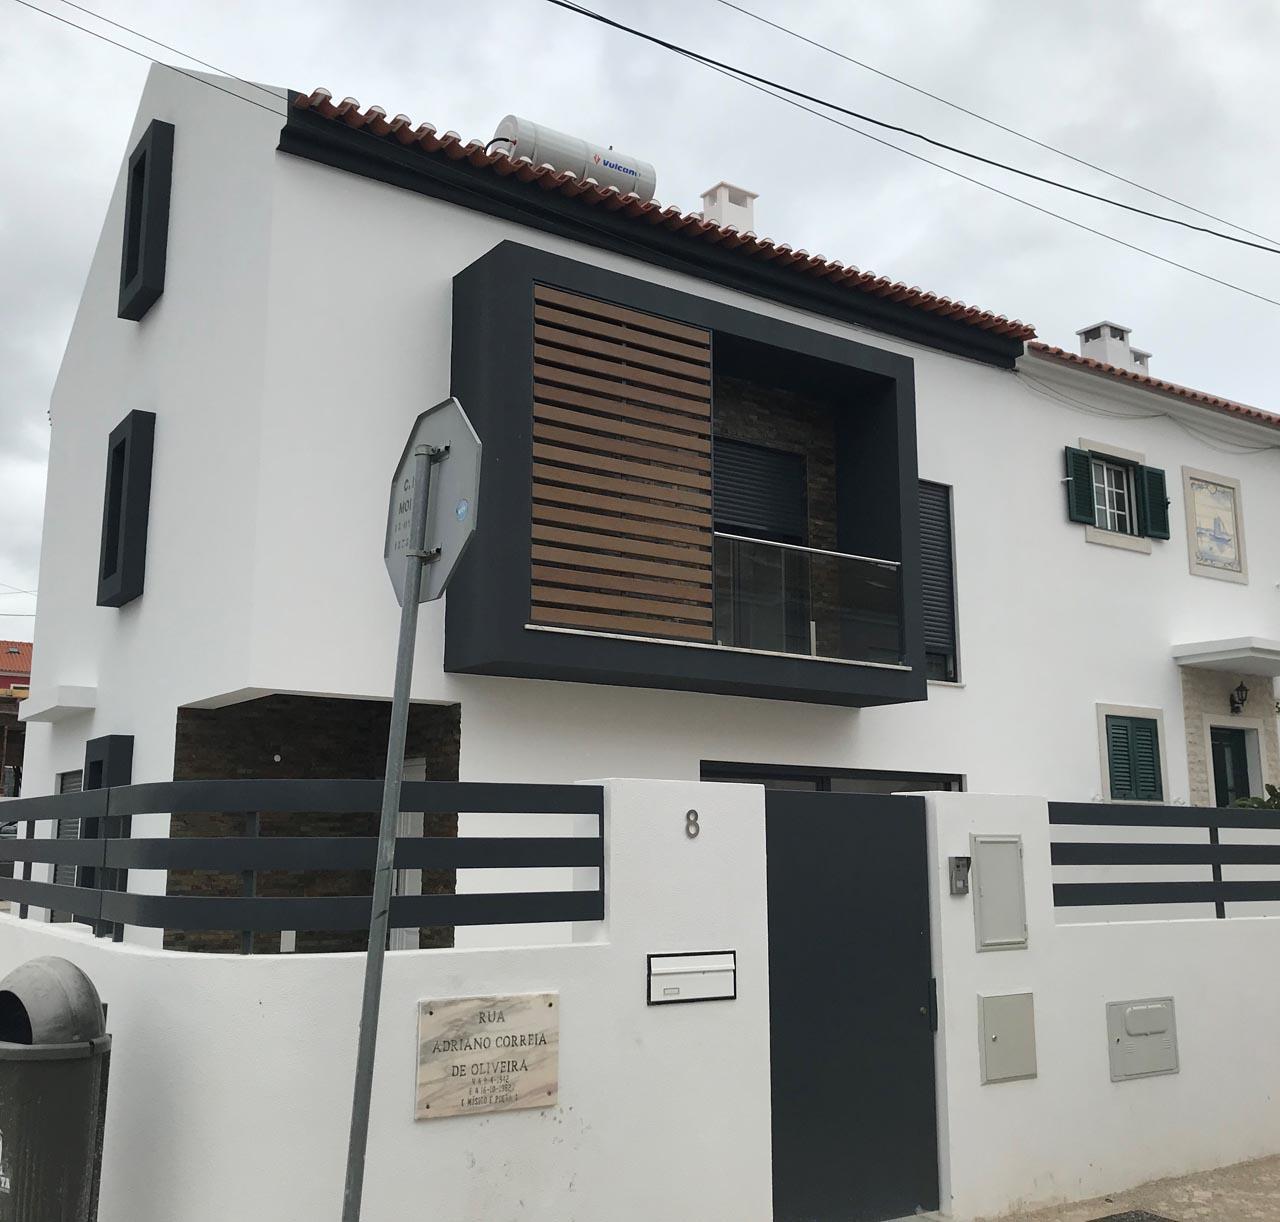 https://www.araujo-arquitectura.pt/wp-content/uploads/2020/12/IMG_7760.jpg